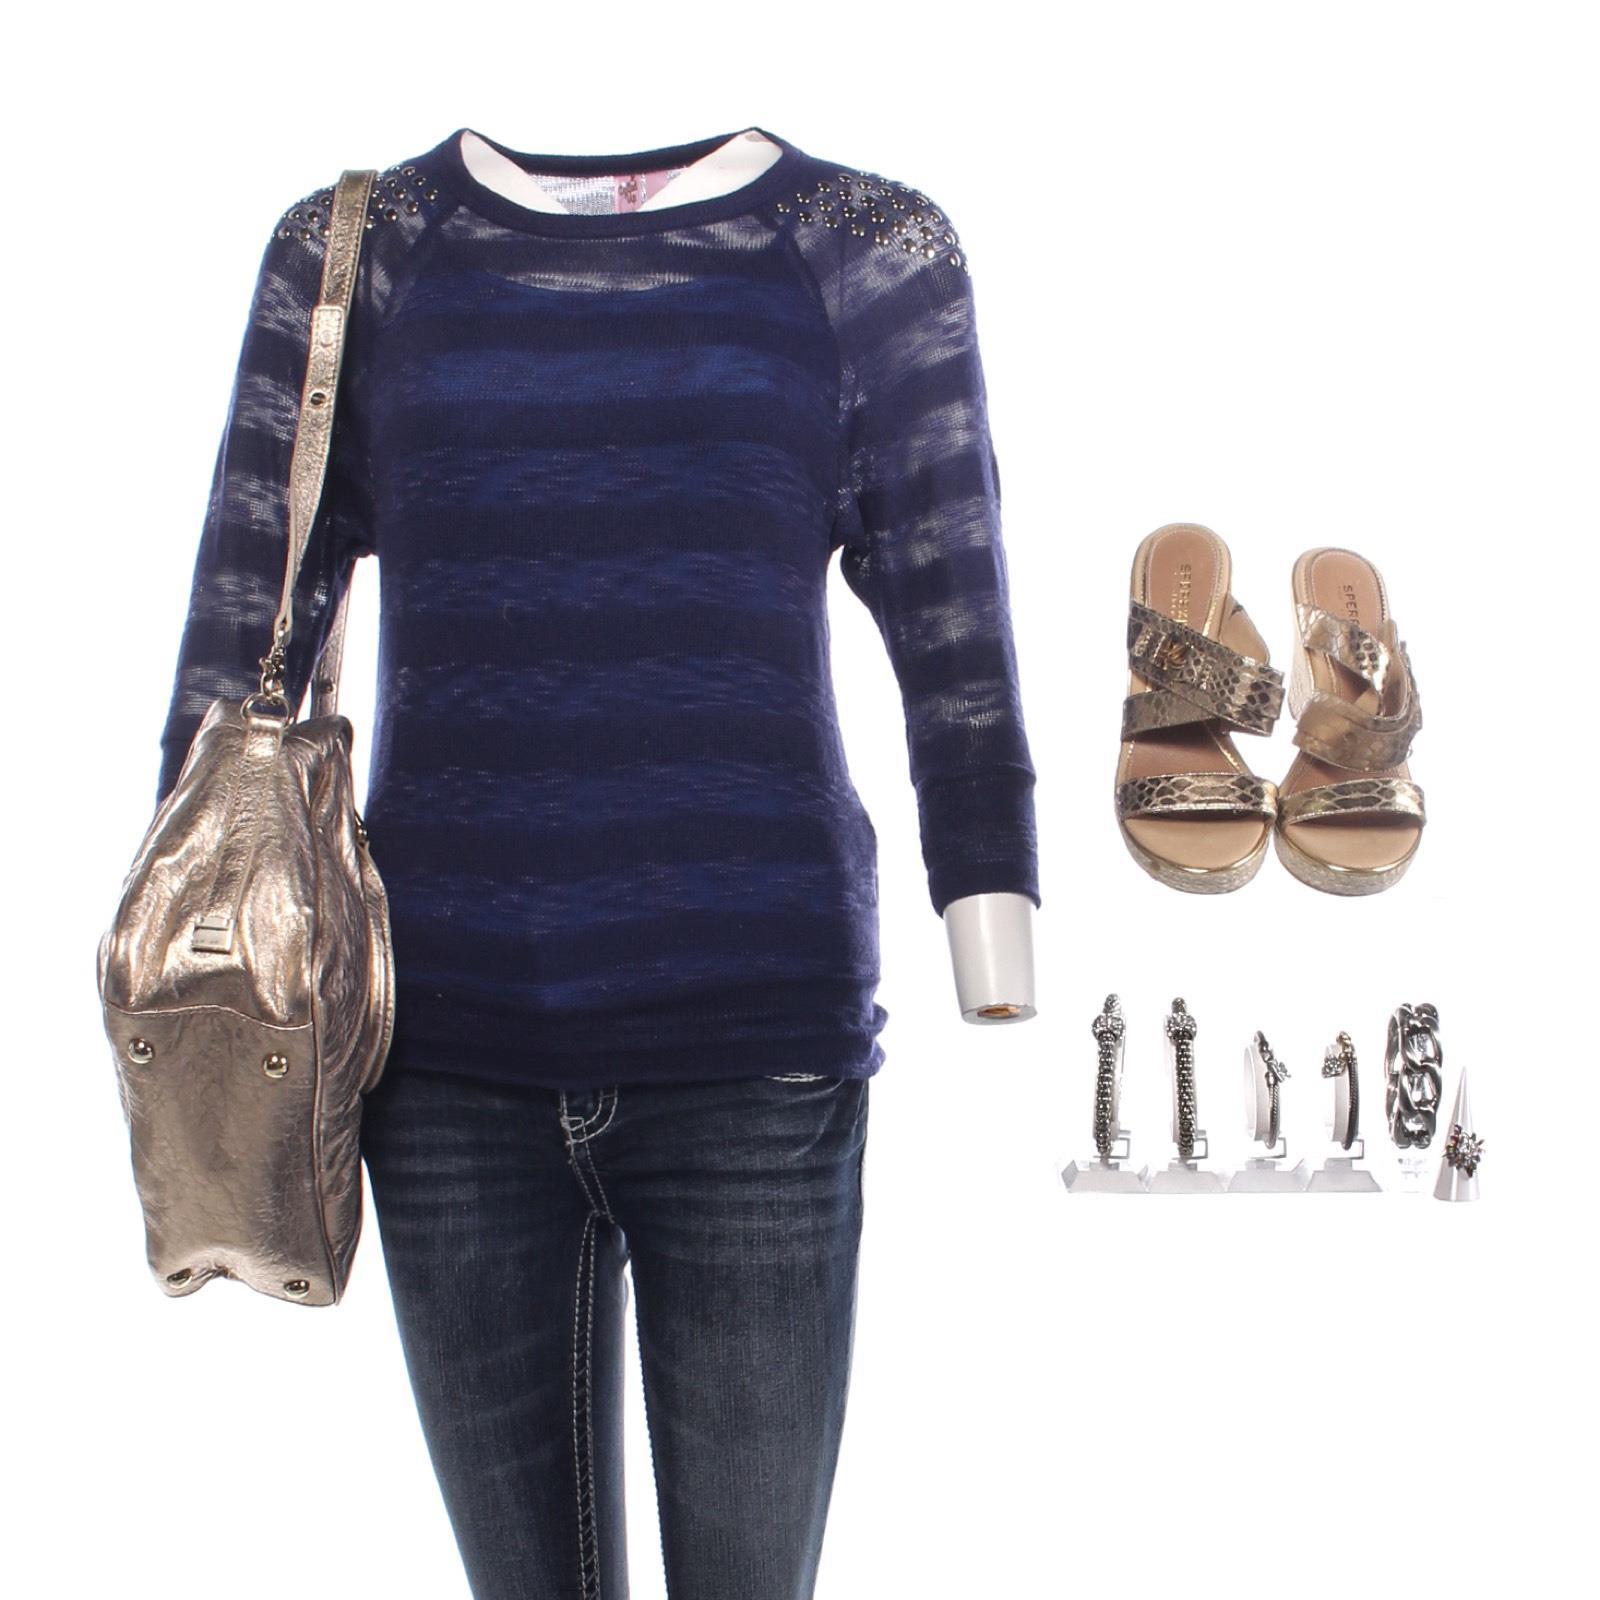 OITNB-Lorna-Yael-Stone-Screen-Worn-Sweater-Shirt-Pants-Purse-amp-Shoes-Ep-204